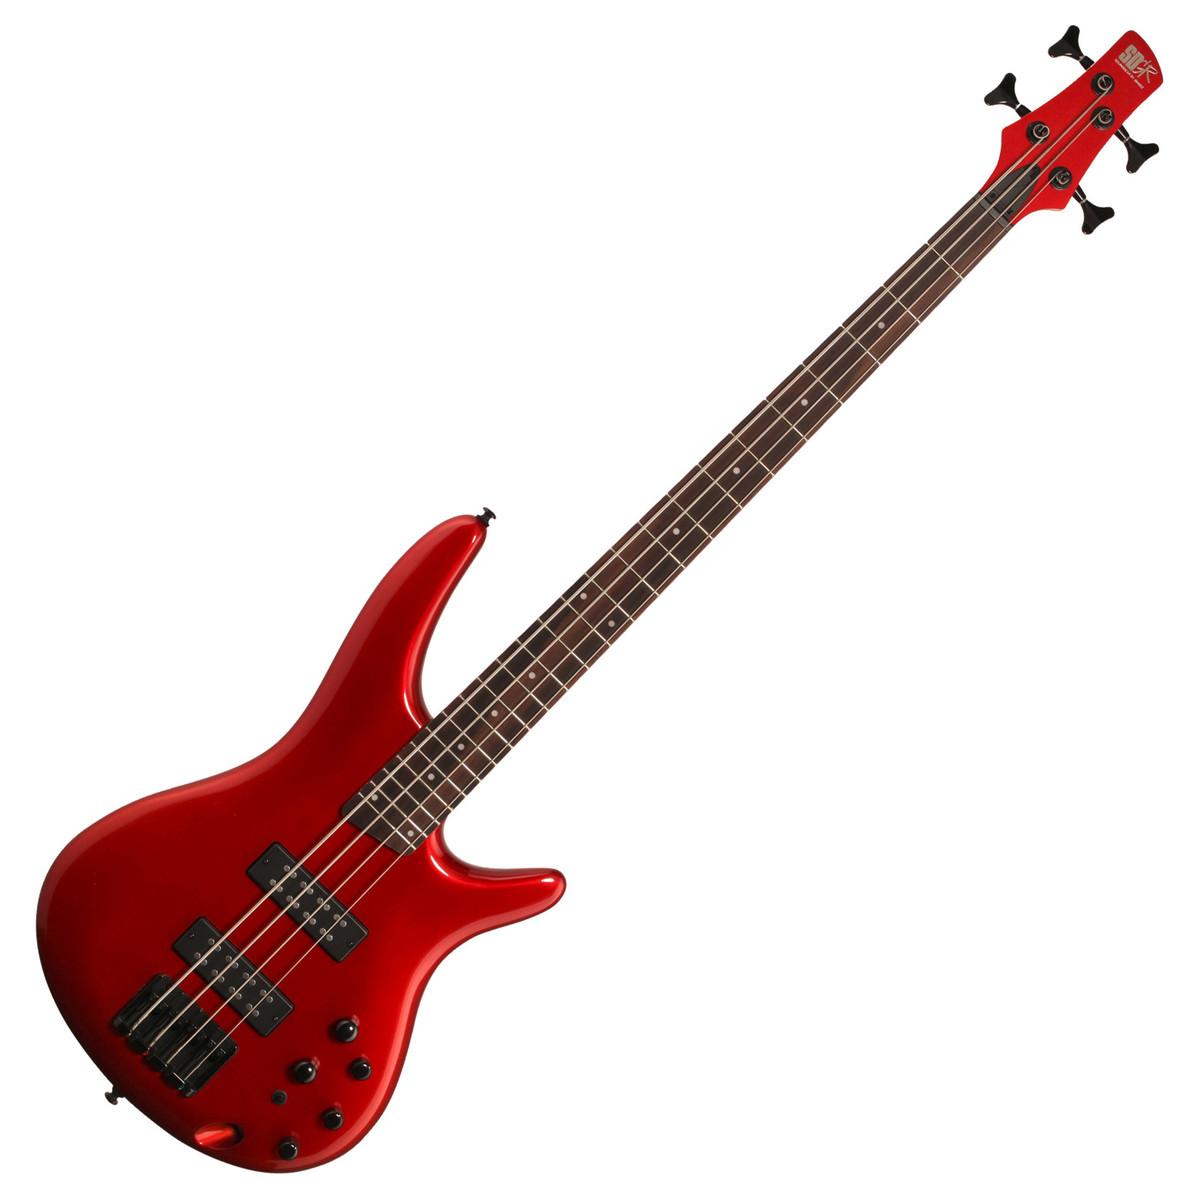 Red Ibanez Bass : ibanez sr300eb bass guitar candy apple red at ~ Hamham.info Haus und Dekorationen